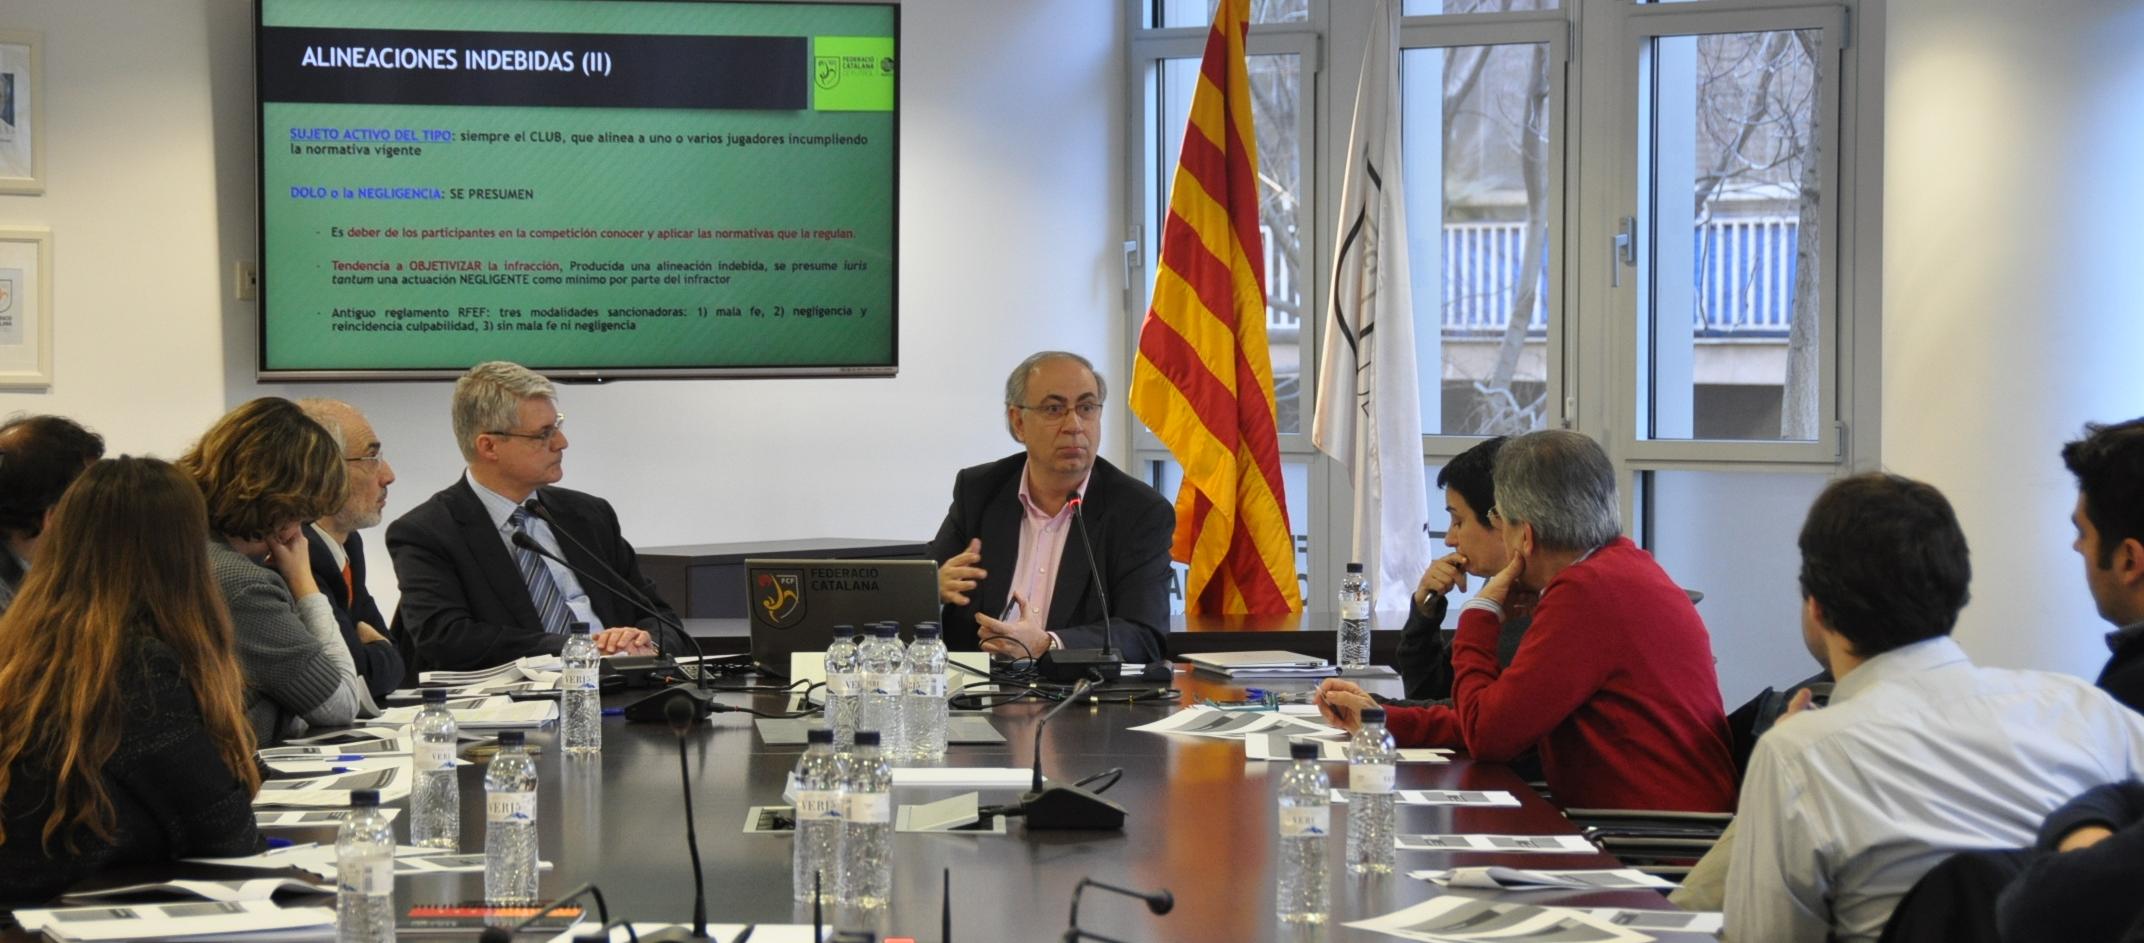 Nova sessió formativa per als membres dels Comitès de Competició